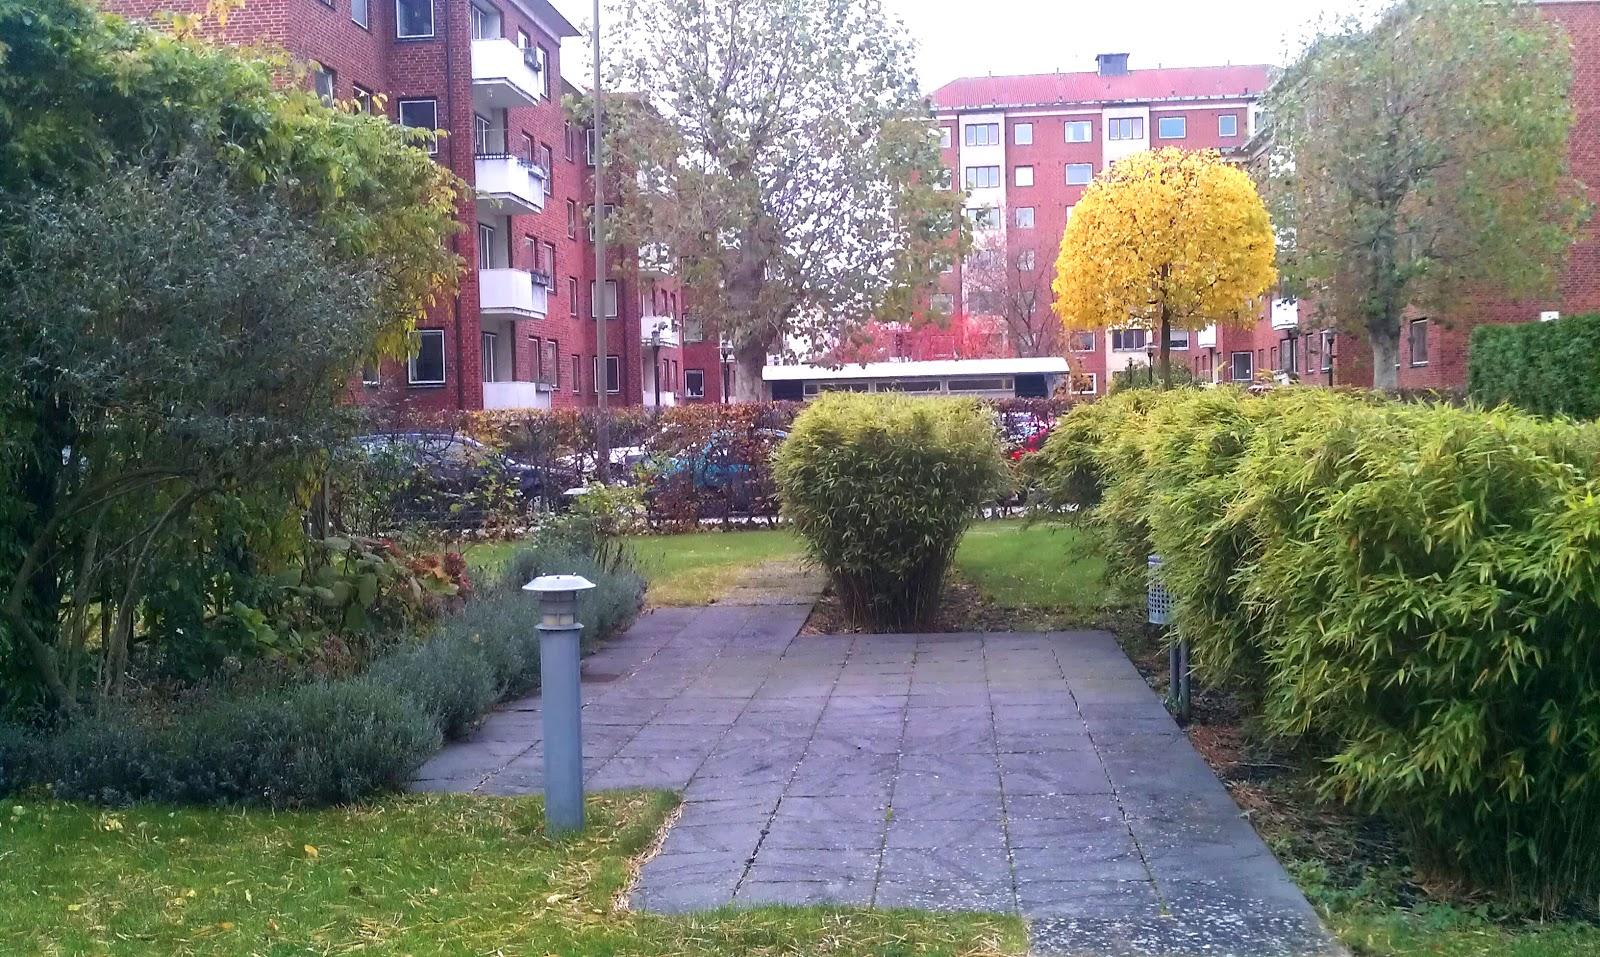 Öarnas trädgårdsplanering: smart trädgård för bostadsrättsföreningen